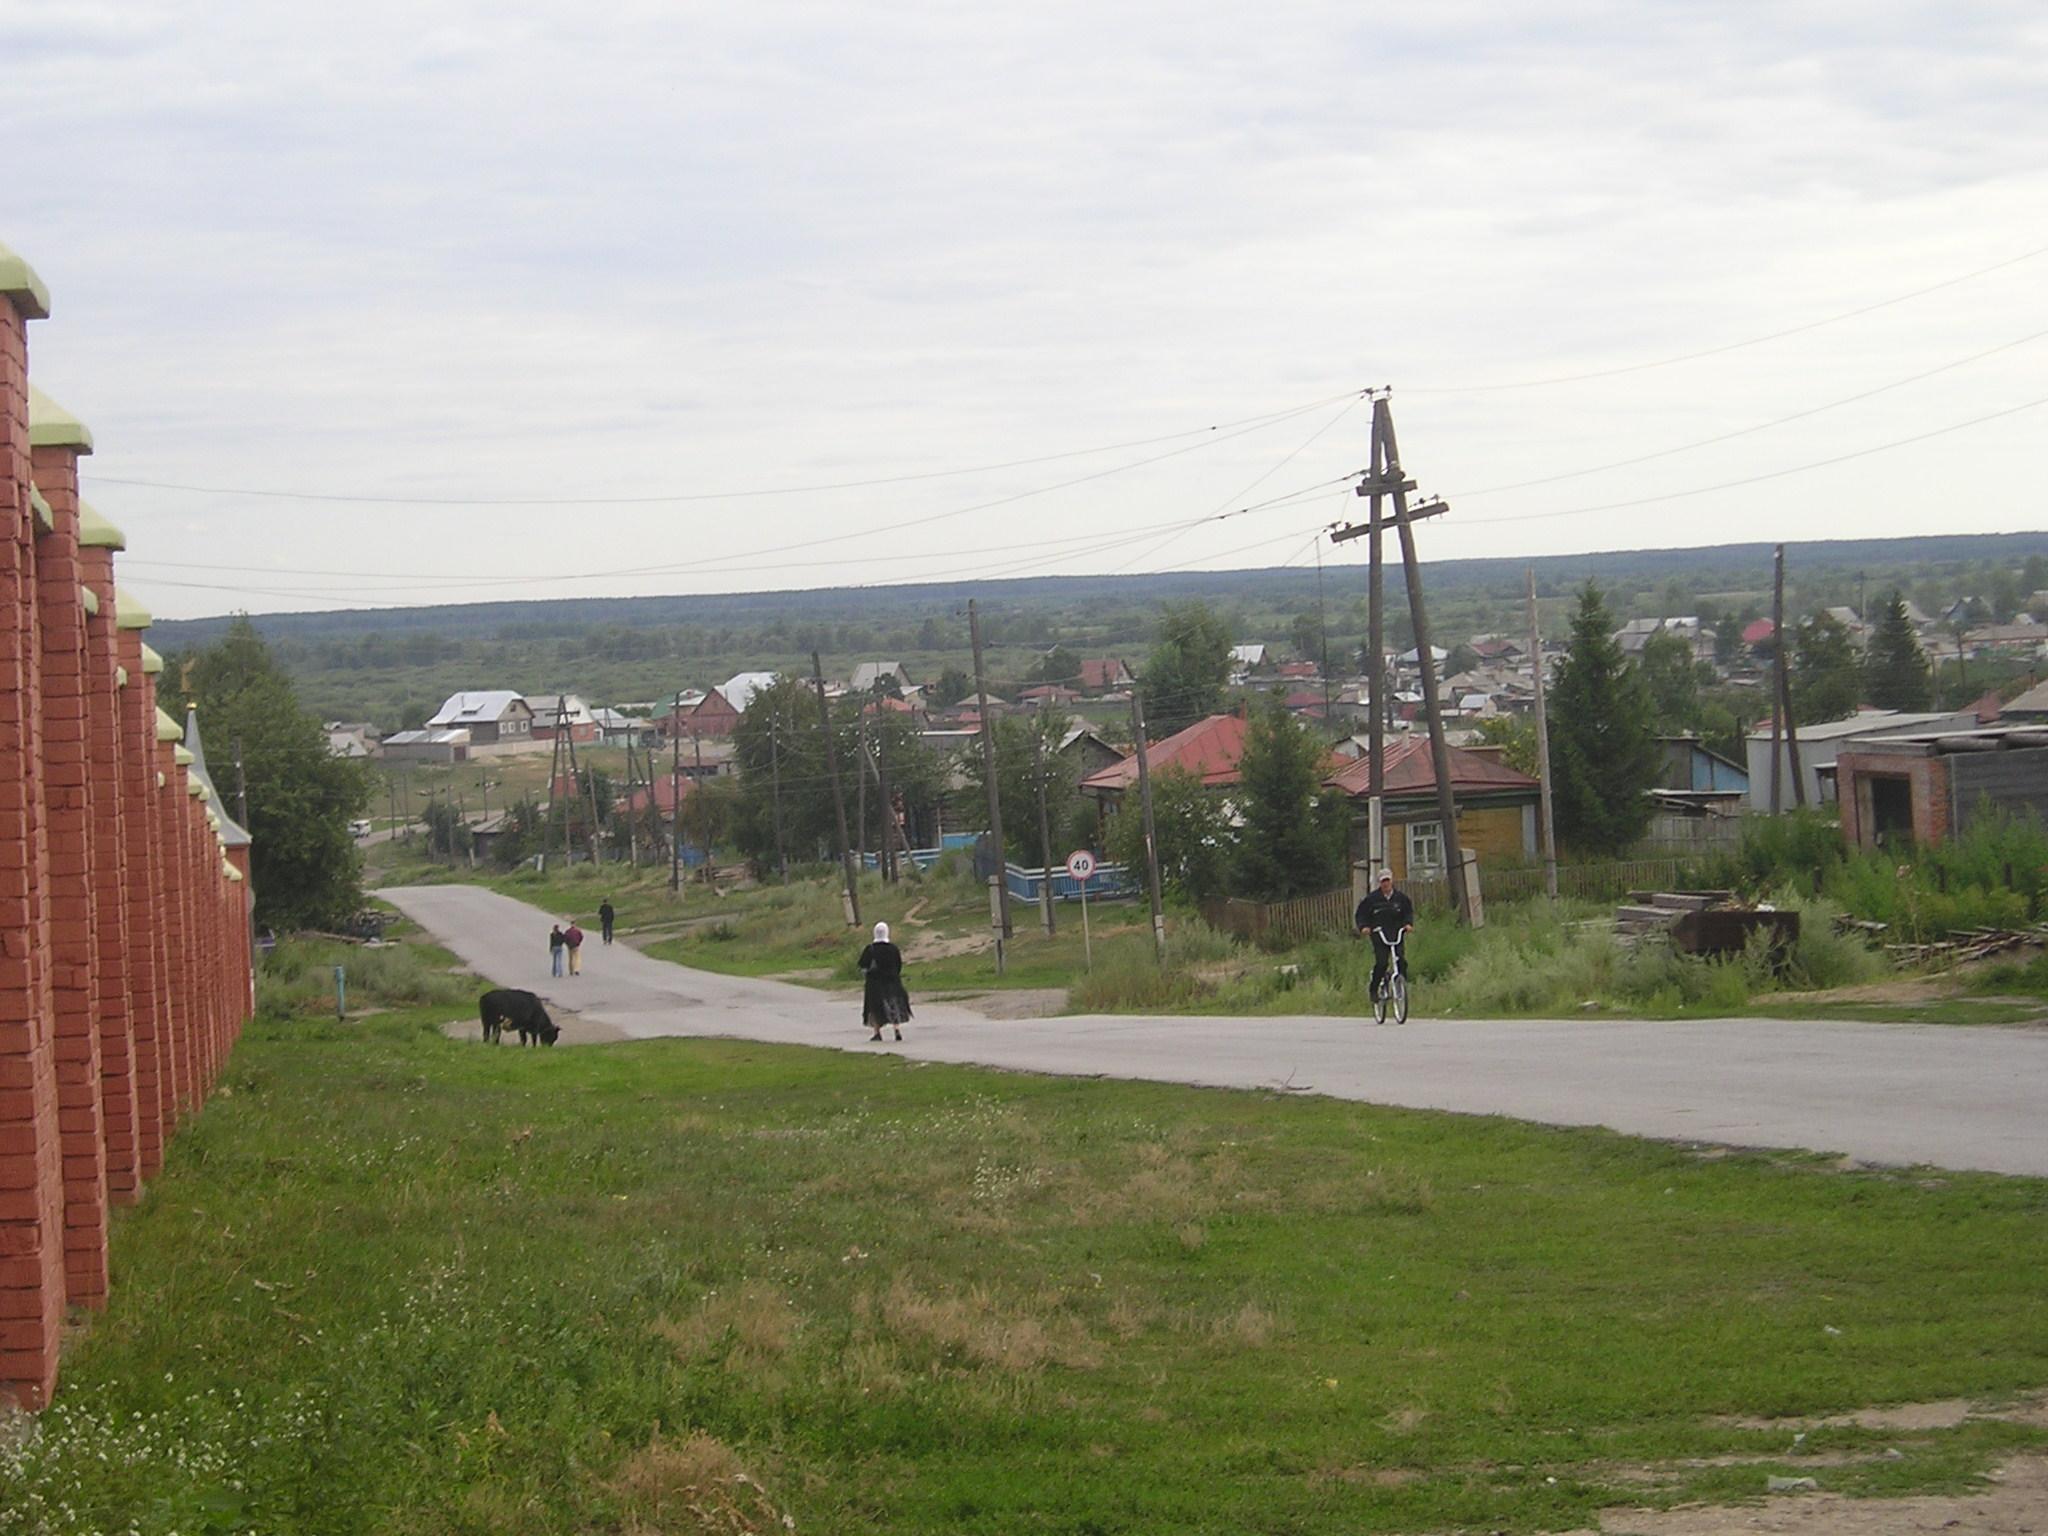 Новосибирская обл г обь, бесплатные ...: pictures11.ru/novosibirskaya-obl-g-ob.html